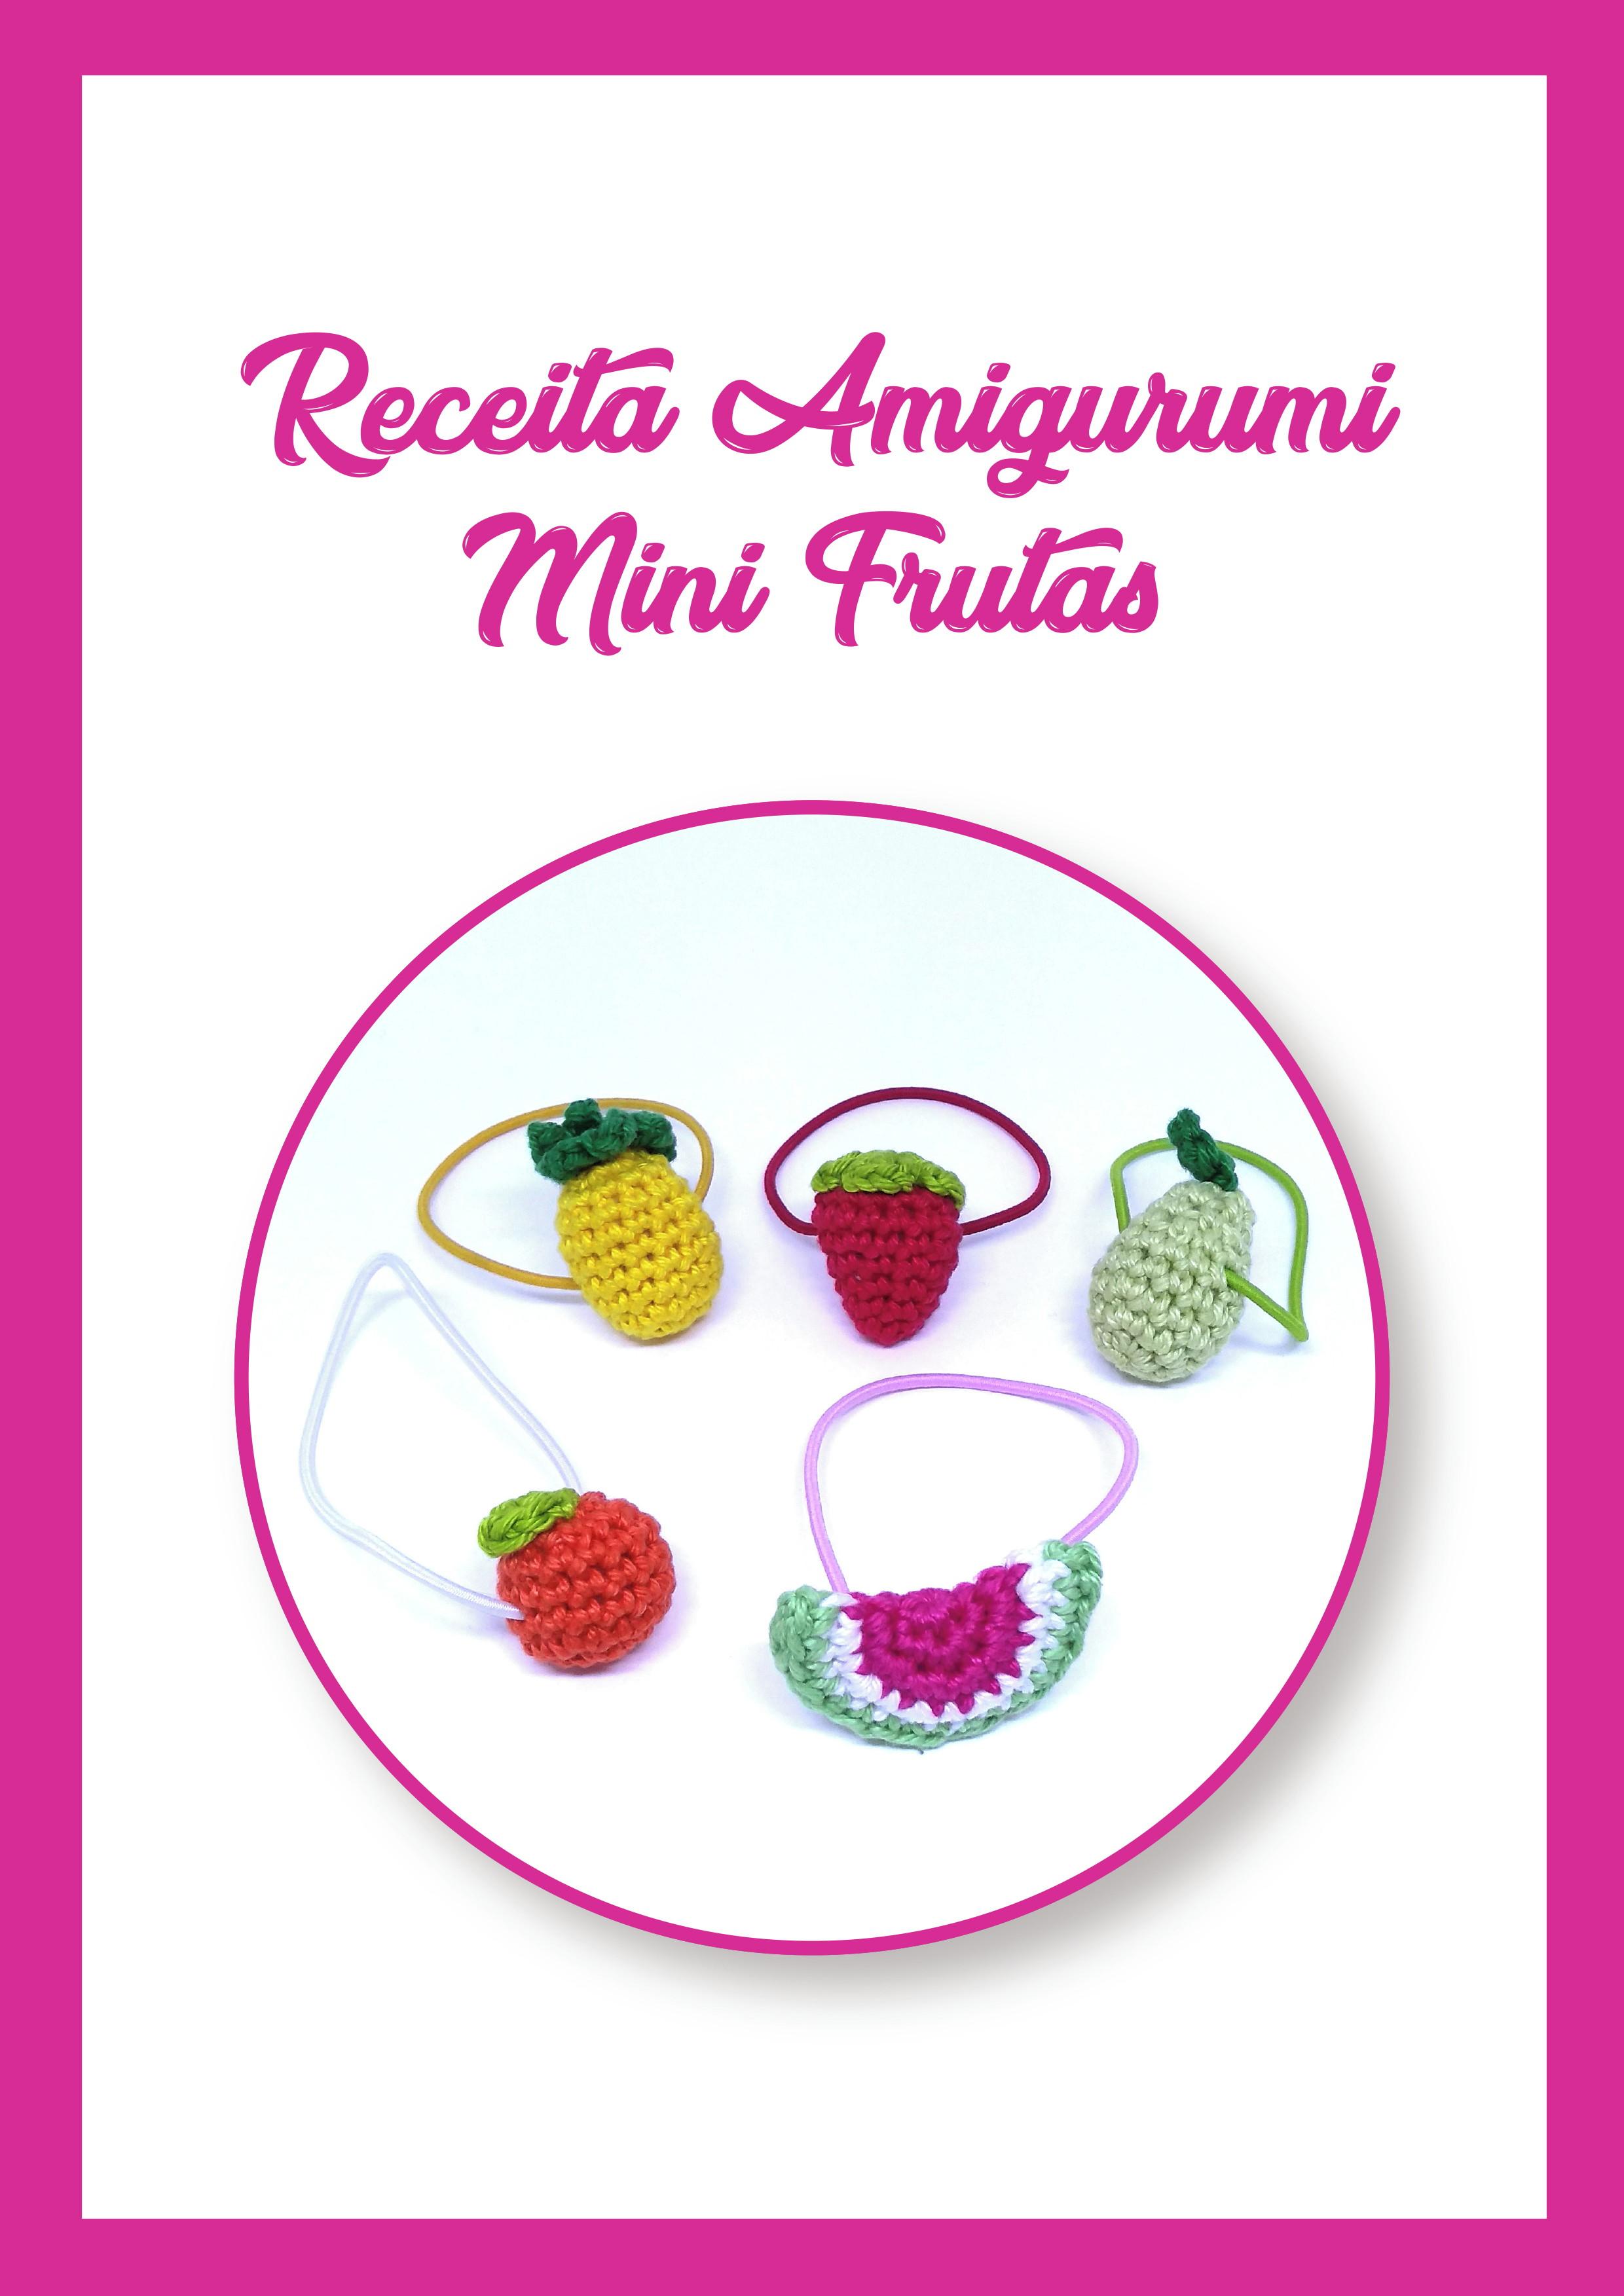 Dicas Amigurumi Frutas de Crochê - Top Abacaxis Amigurumi Receita - YouTube | 3507x2480